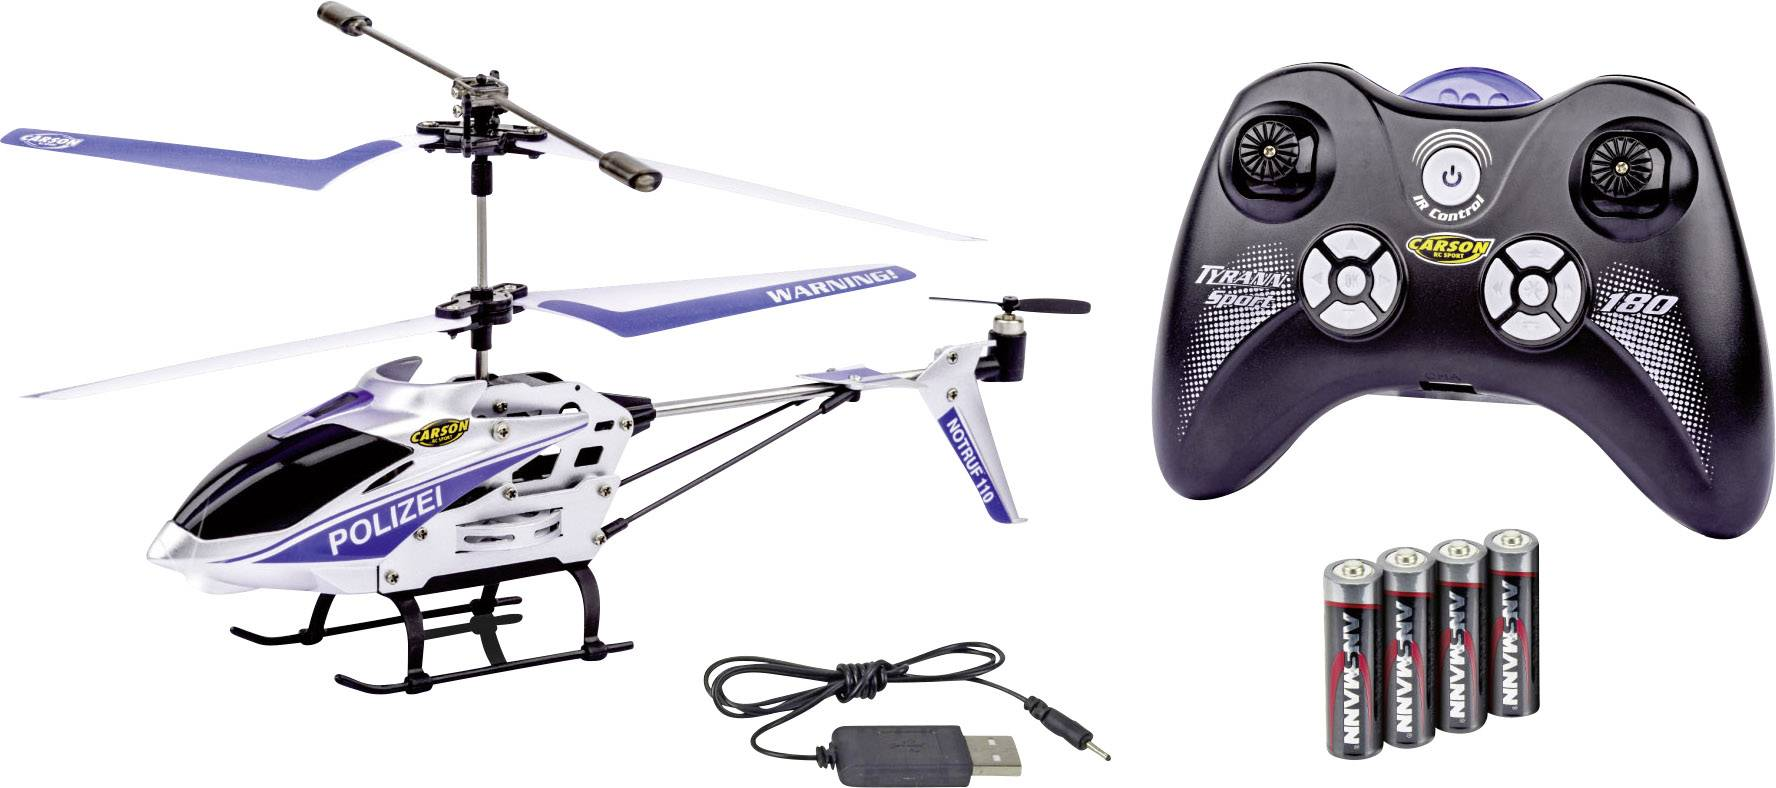 RC vrtuľník Carson Modellsport Easy Tyrann 180 Polizei, RtF